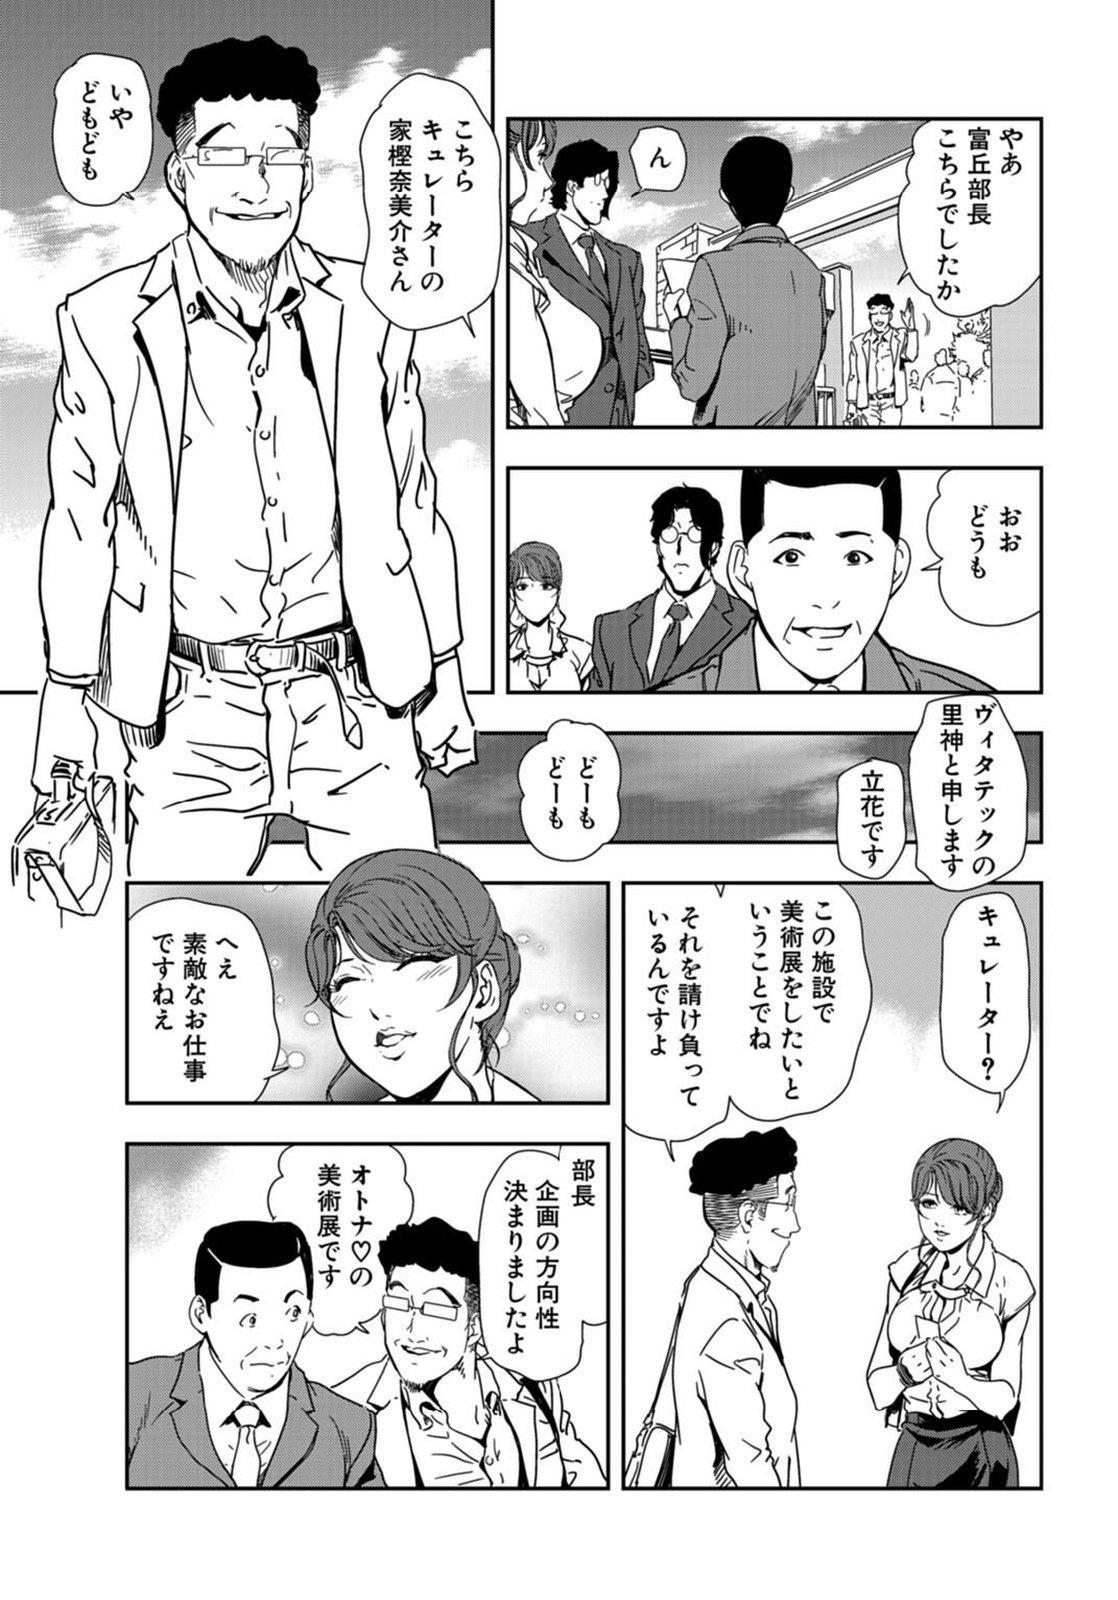 Nikuhisyo Yukiko 21 4